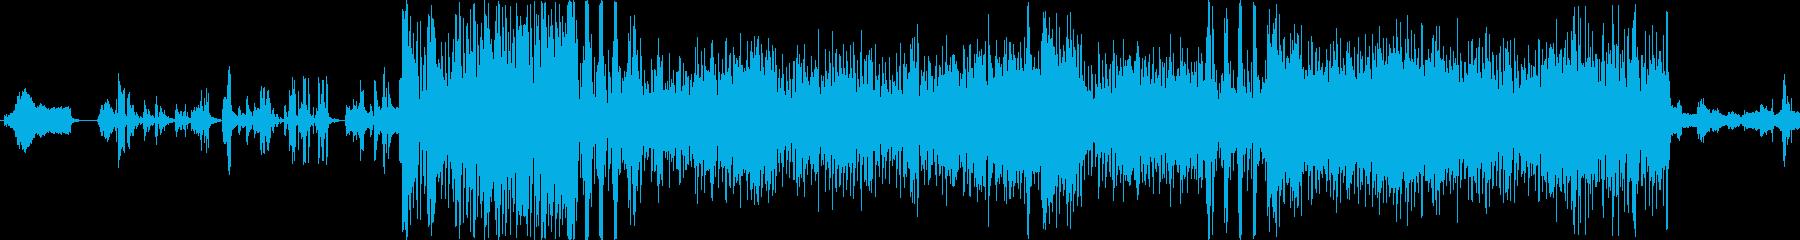 シンセソロの再生済みの波形